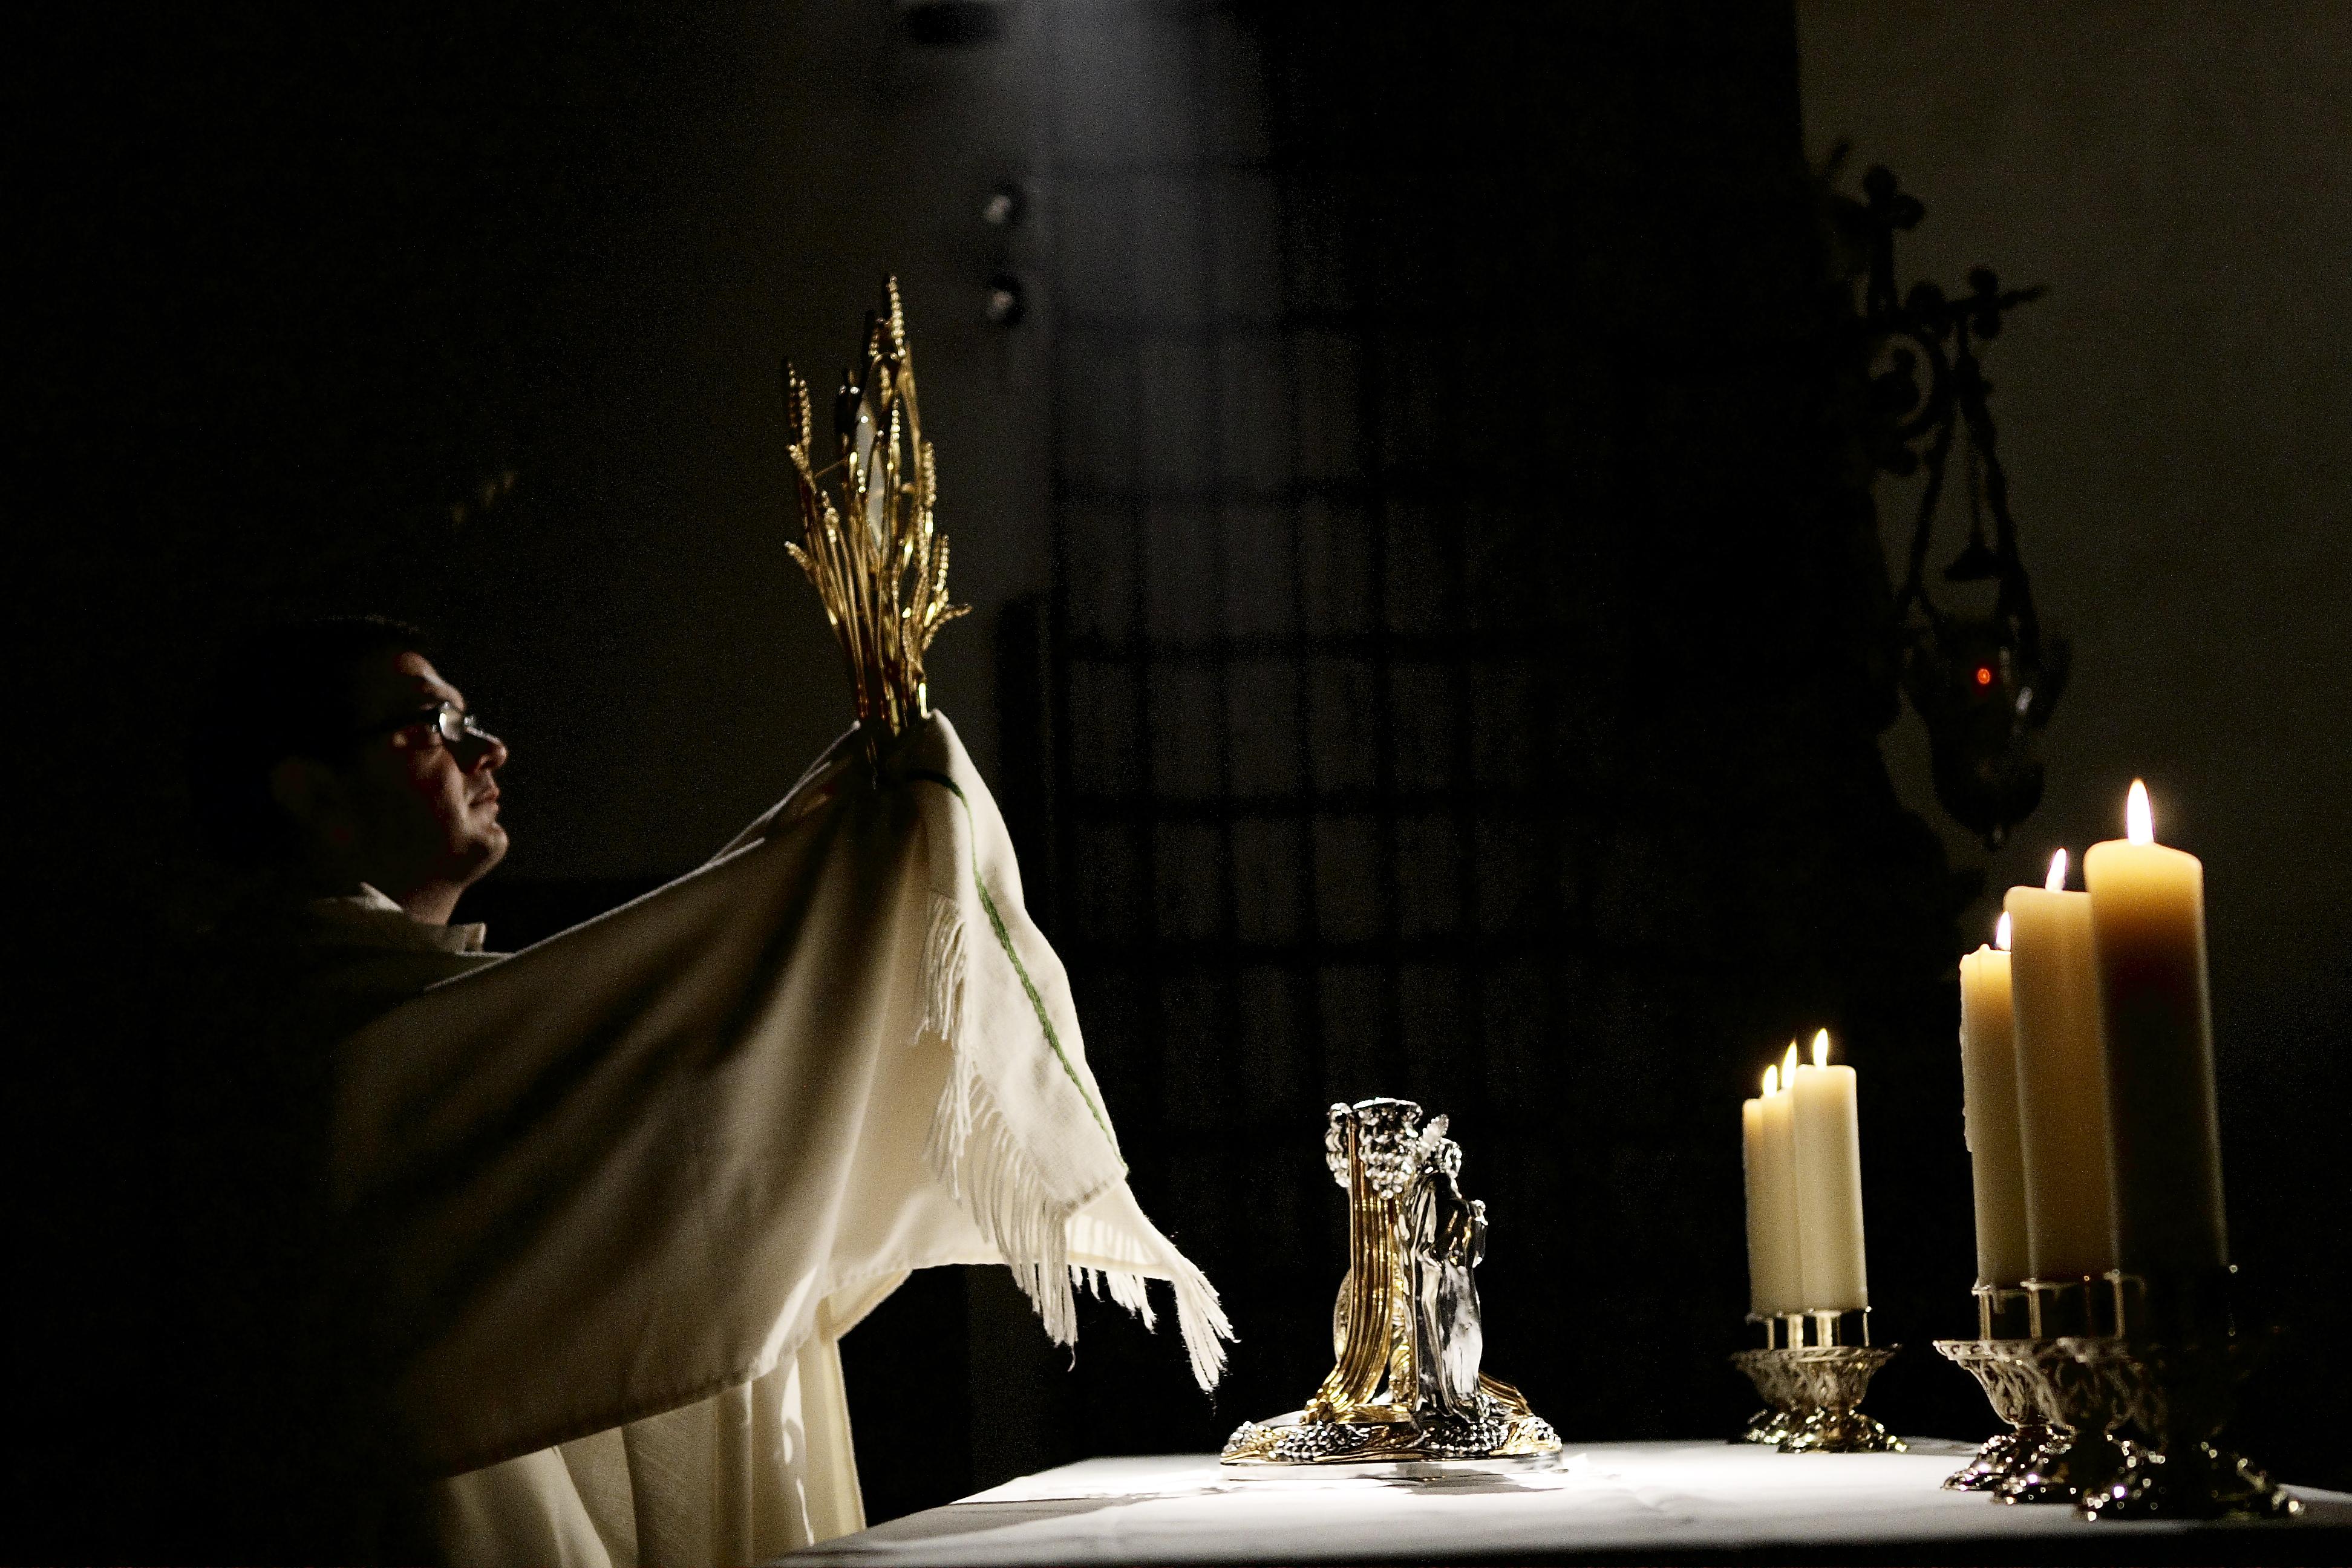 En que ha Cambiado la situación de la Iglesia Católica en los últimos años